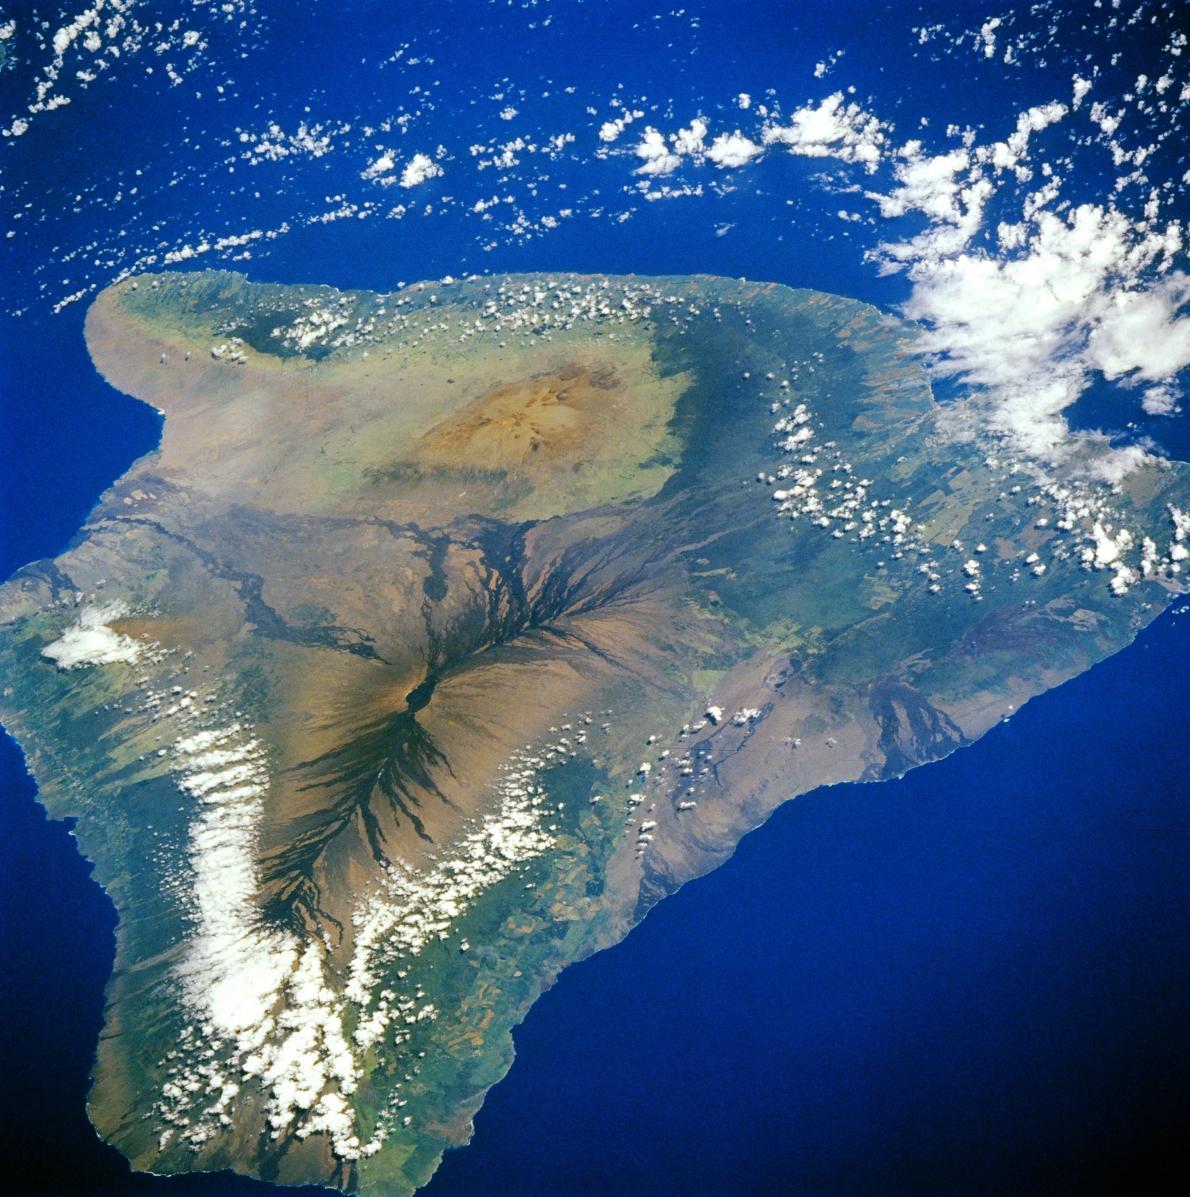 hawaii-volcanoes-national-park-estados-unidos_5ff13064